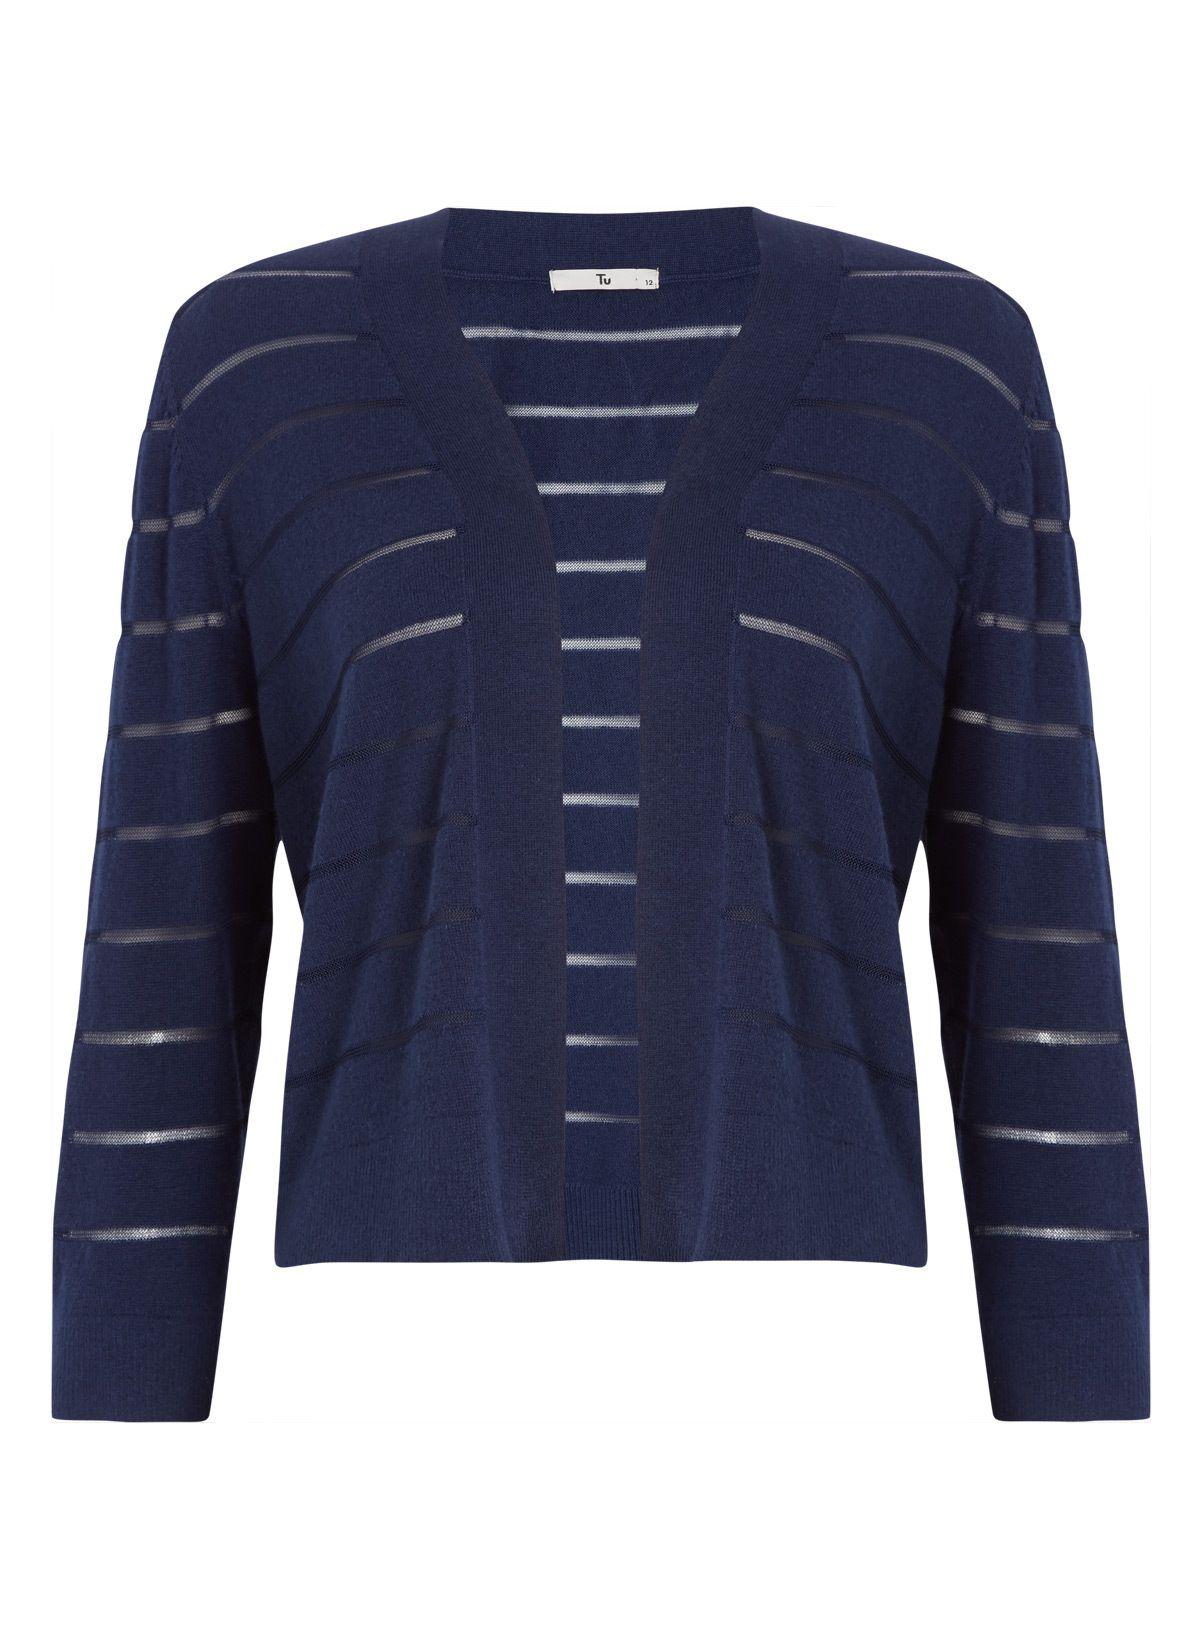 https://www.tuclothing.sainsburys.co.uk/p/Sheer-Striped-Cropped ...